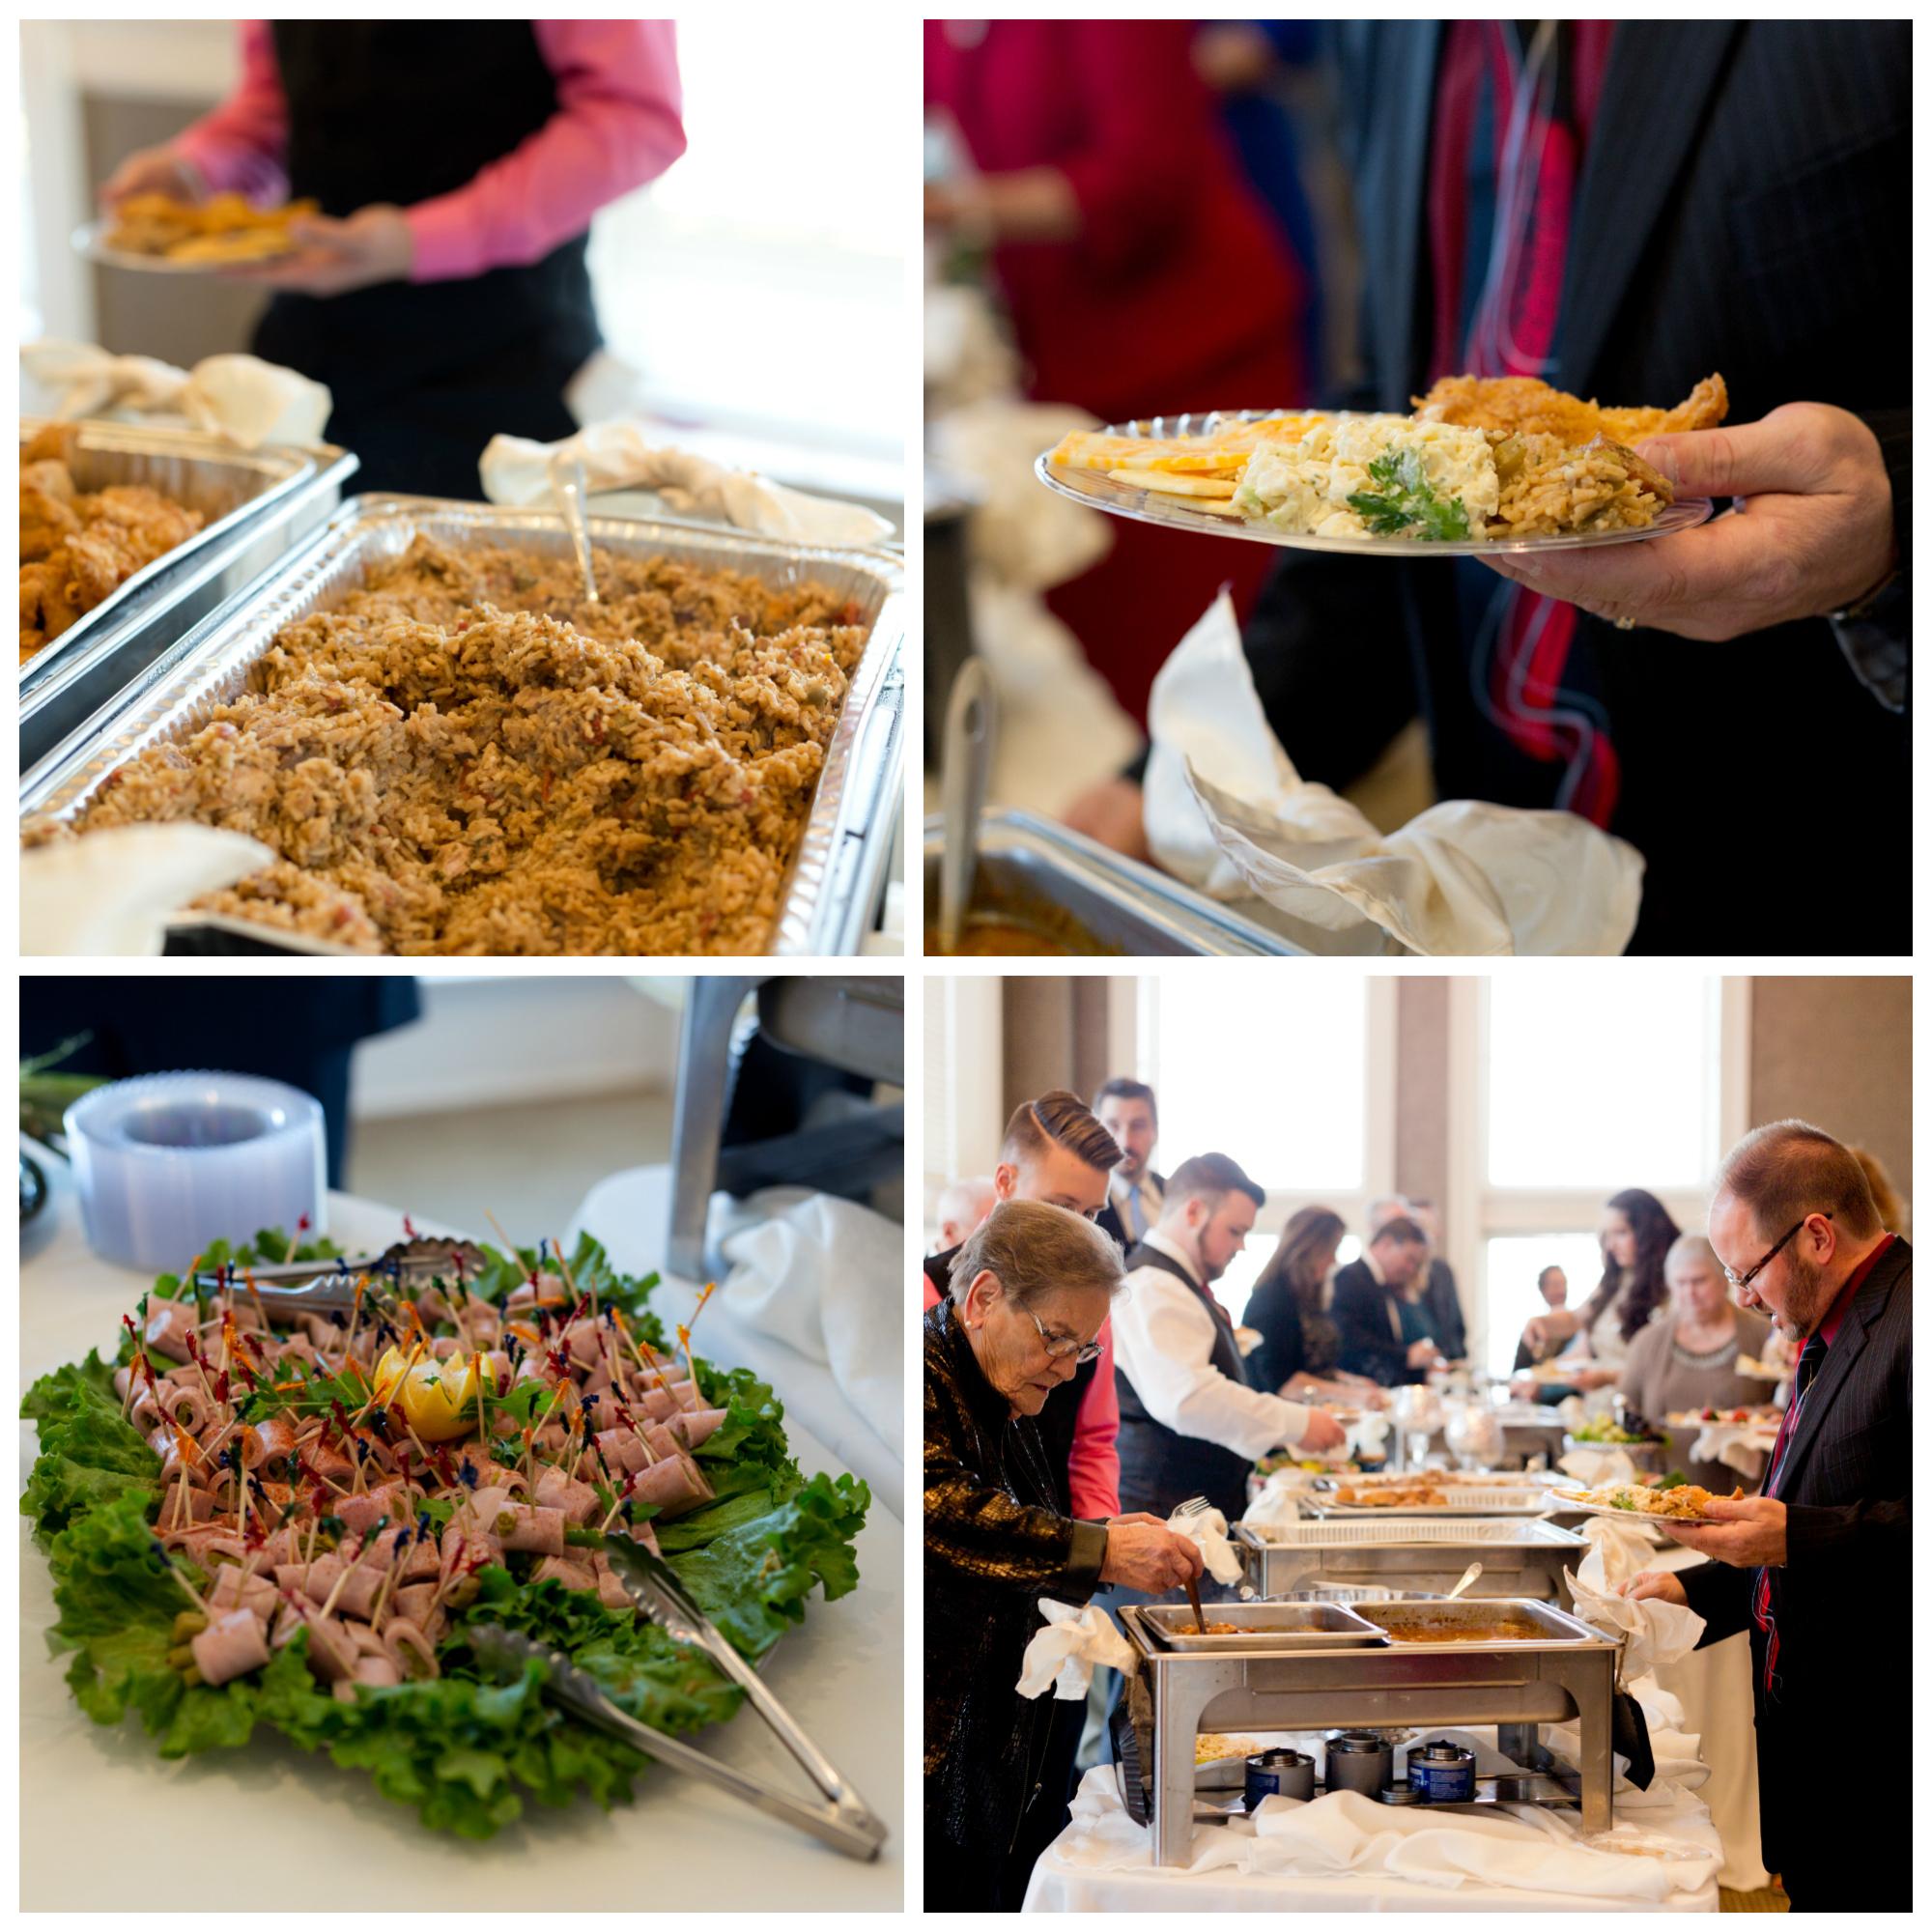 wedding buffet food